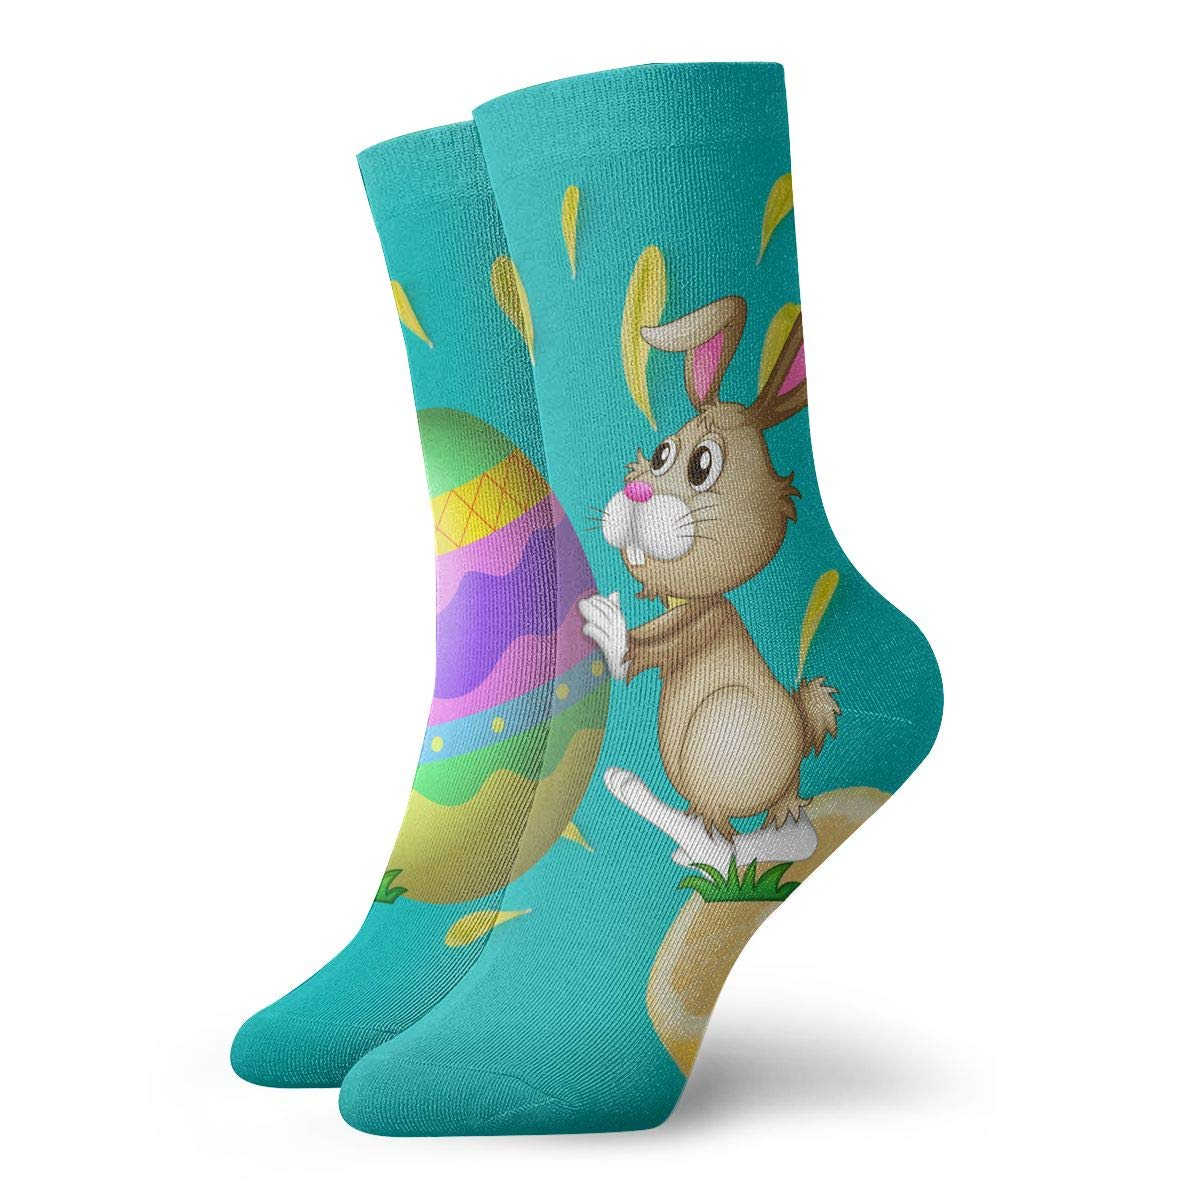 Rabbit Easter Eggs Mens Fashion Dress Socks Short Socks Leisure Travel 11.8 Inch